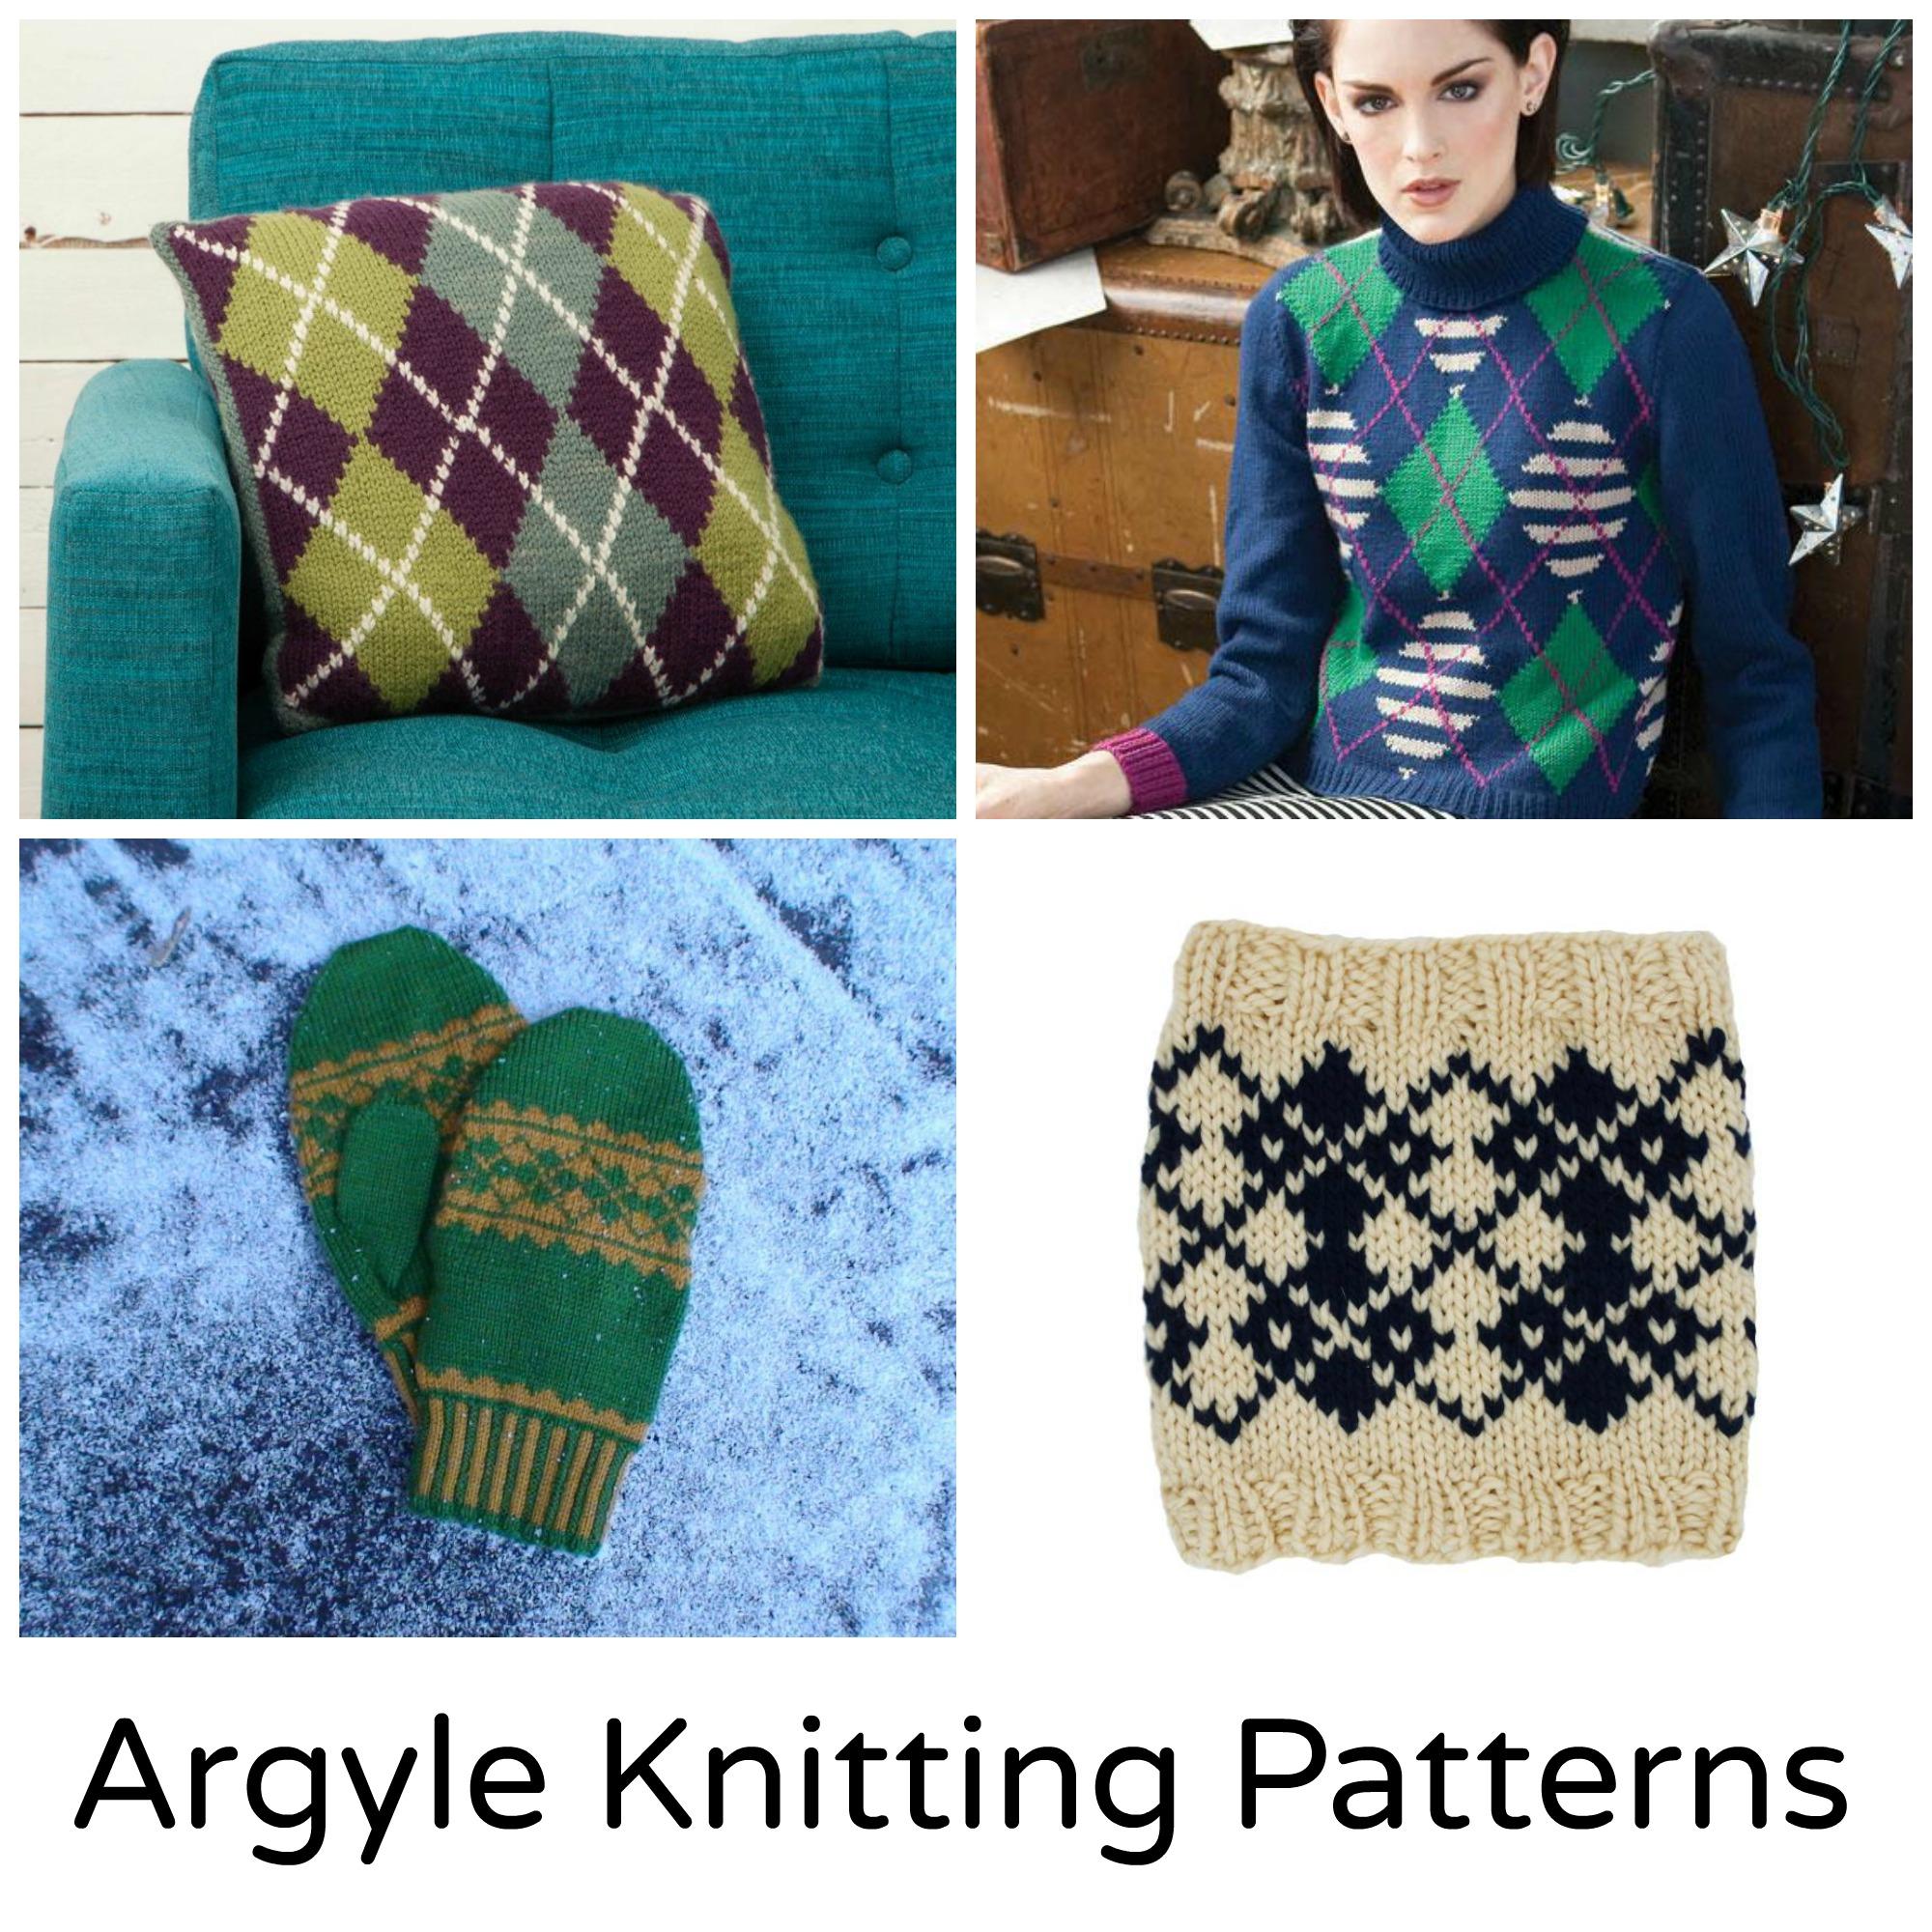 Argyle Knitting Patterns